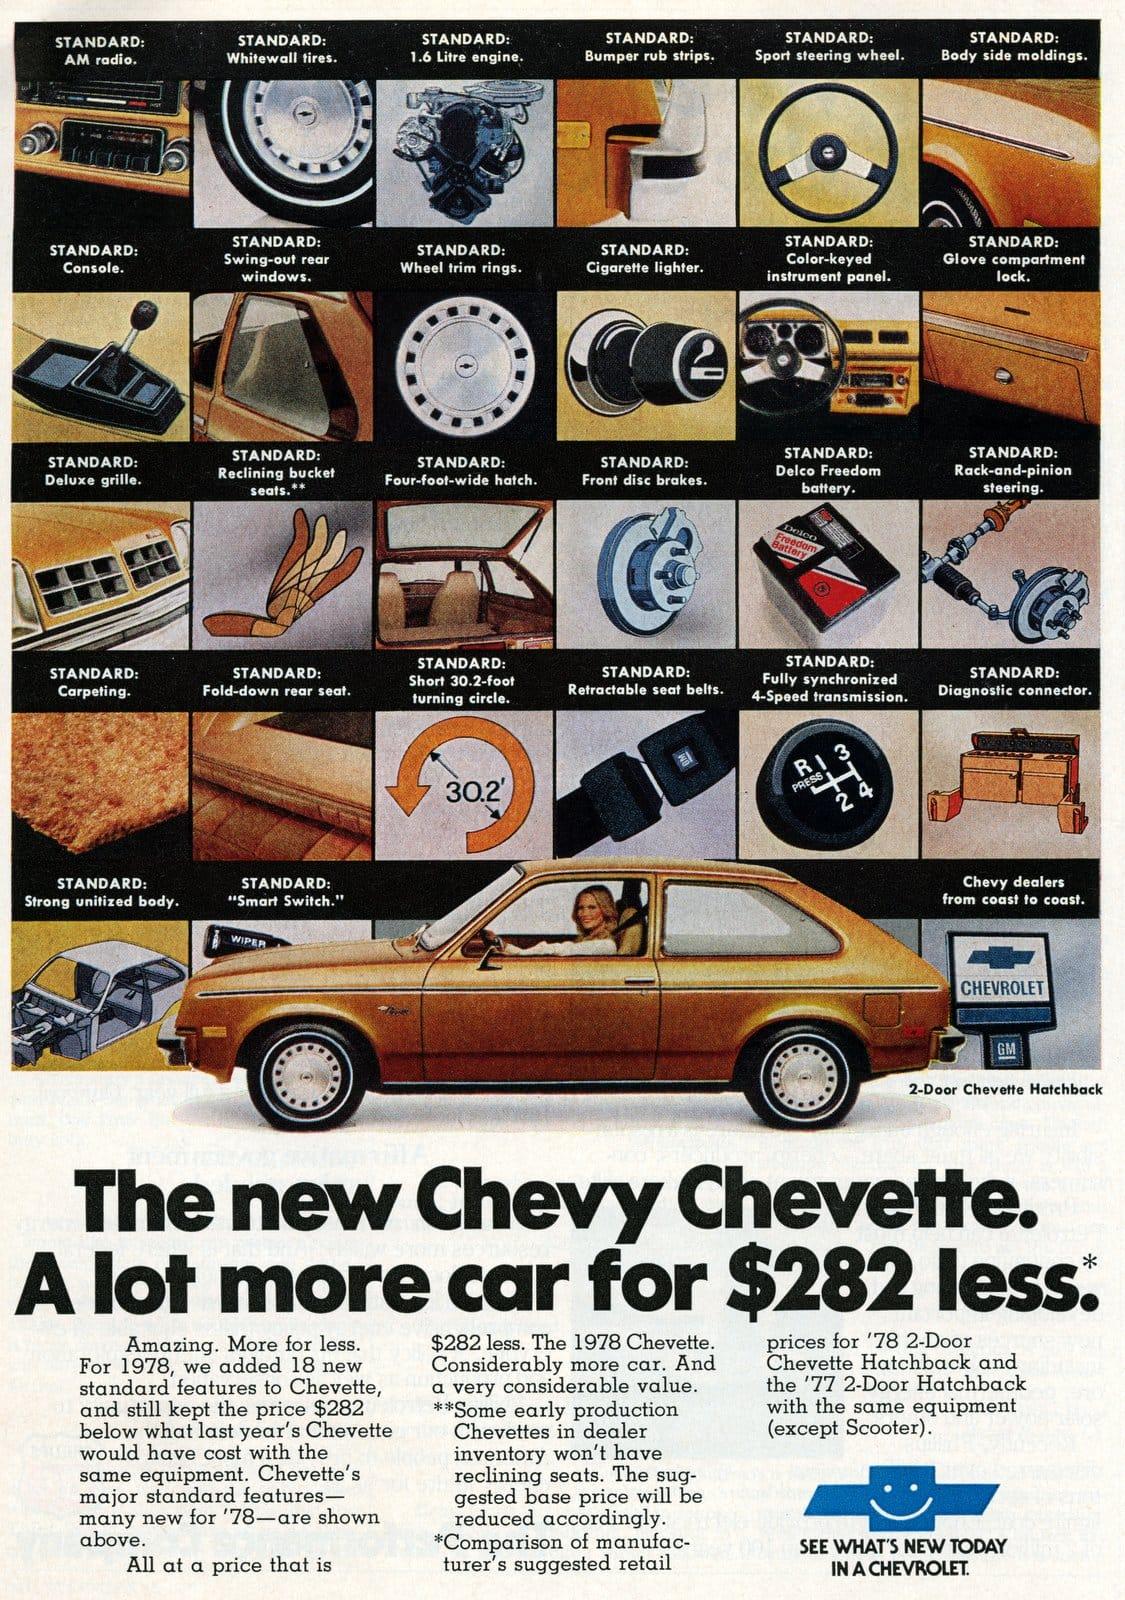 78 Chevrolet Chevette - December 1977